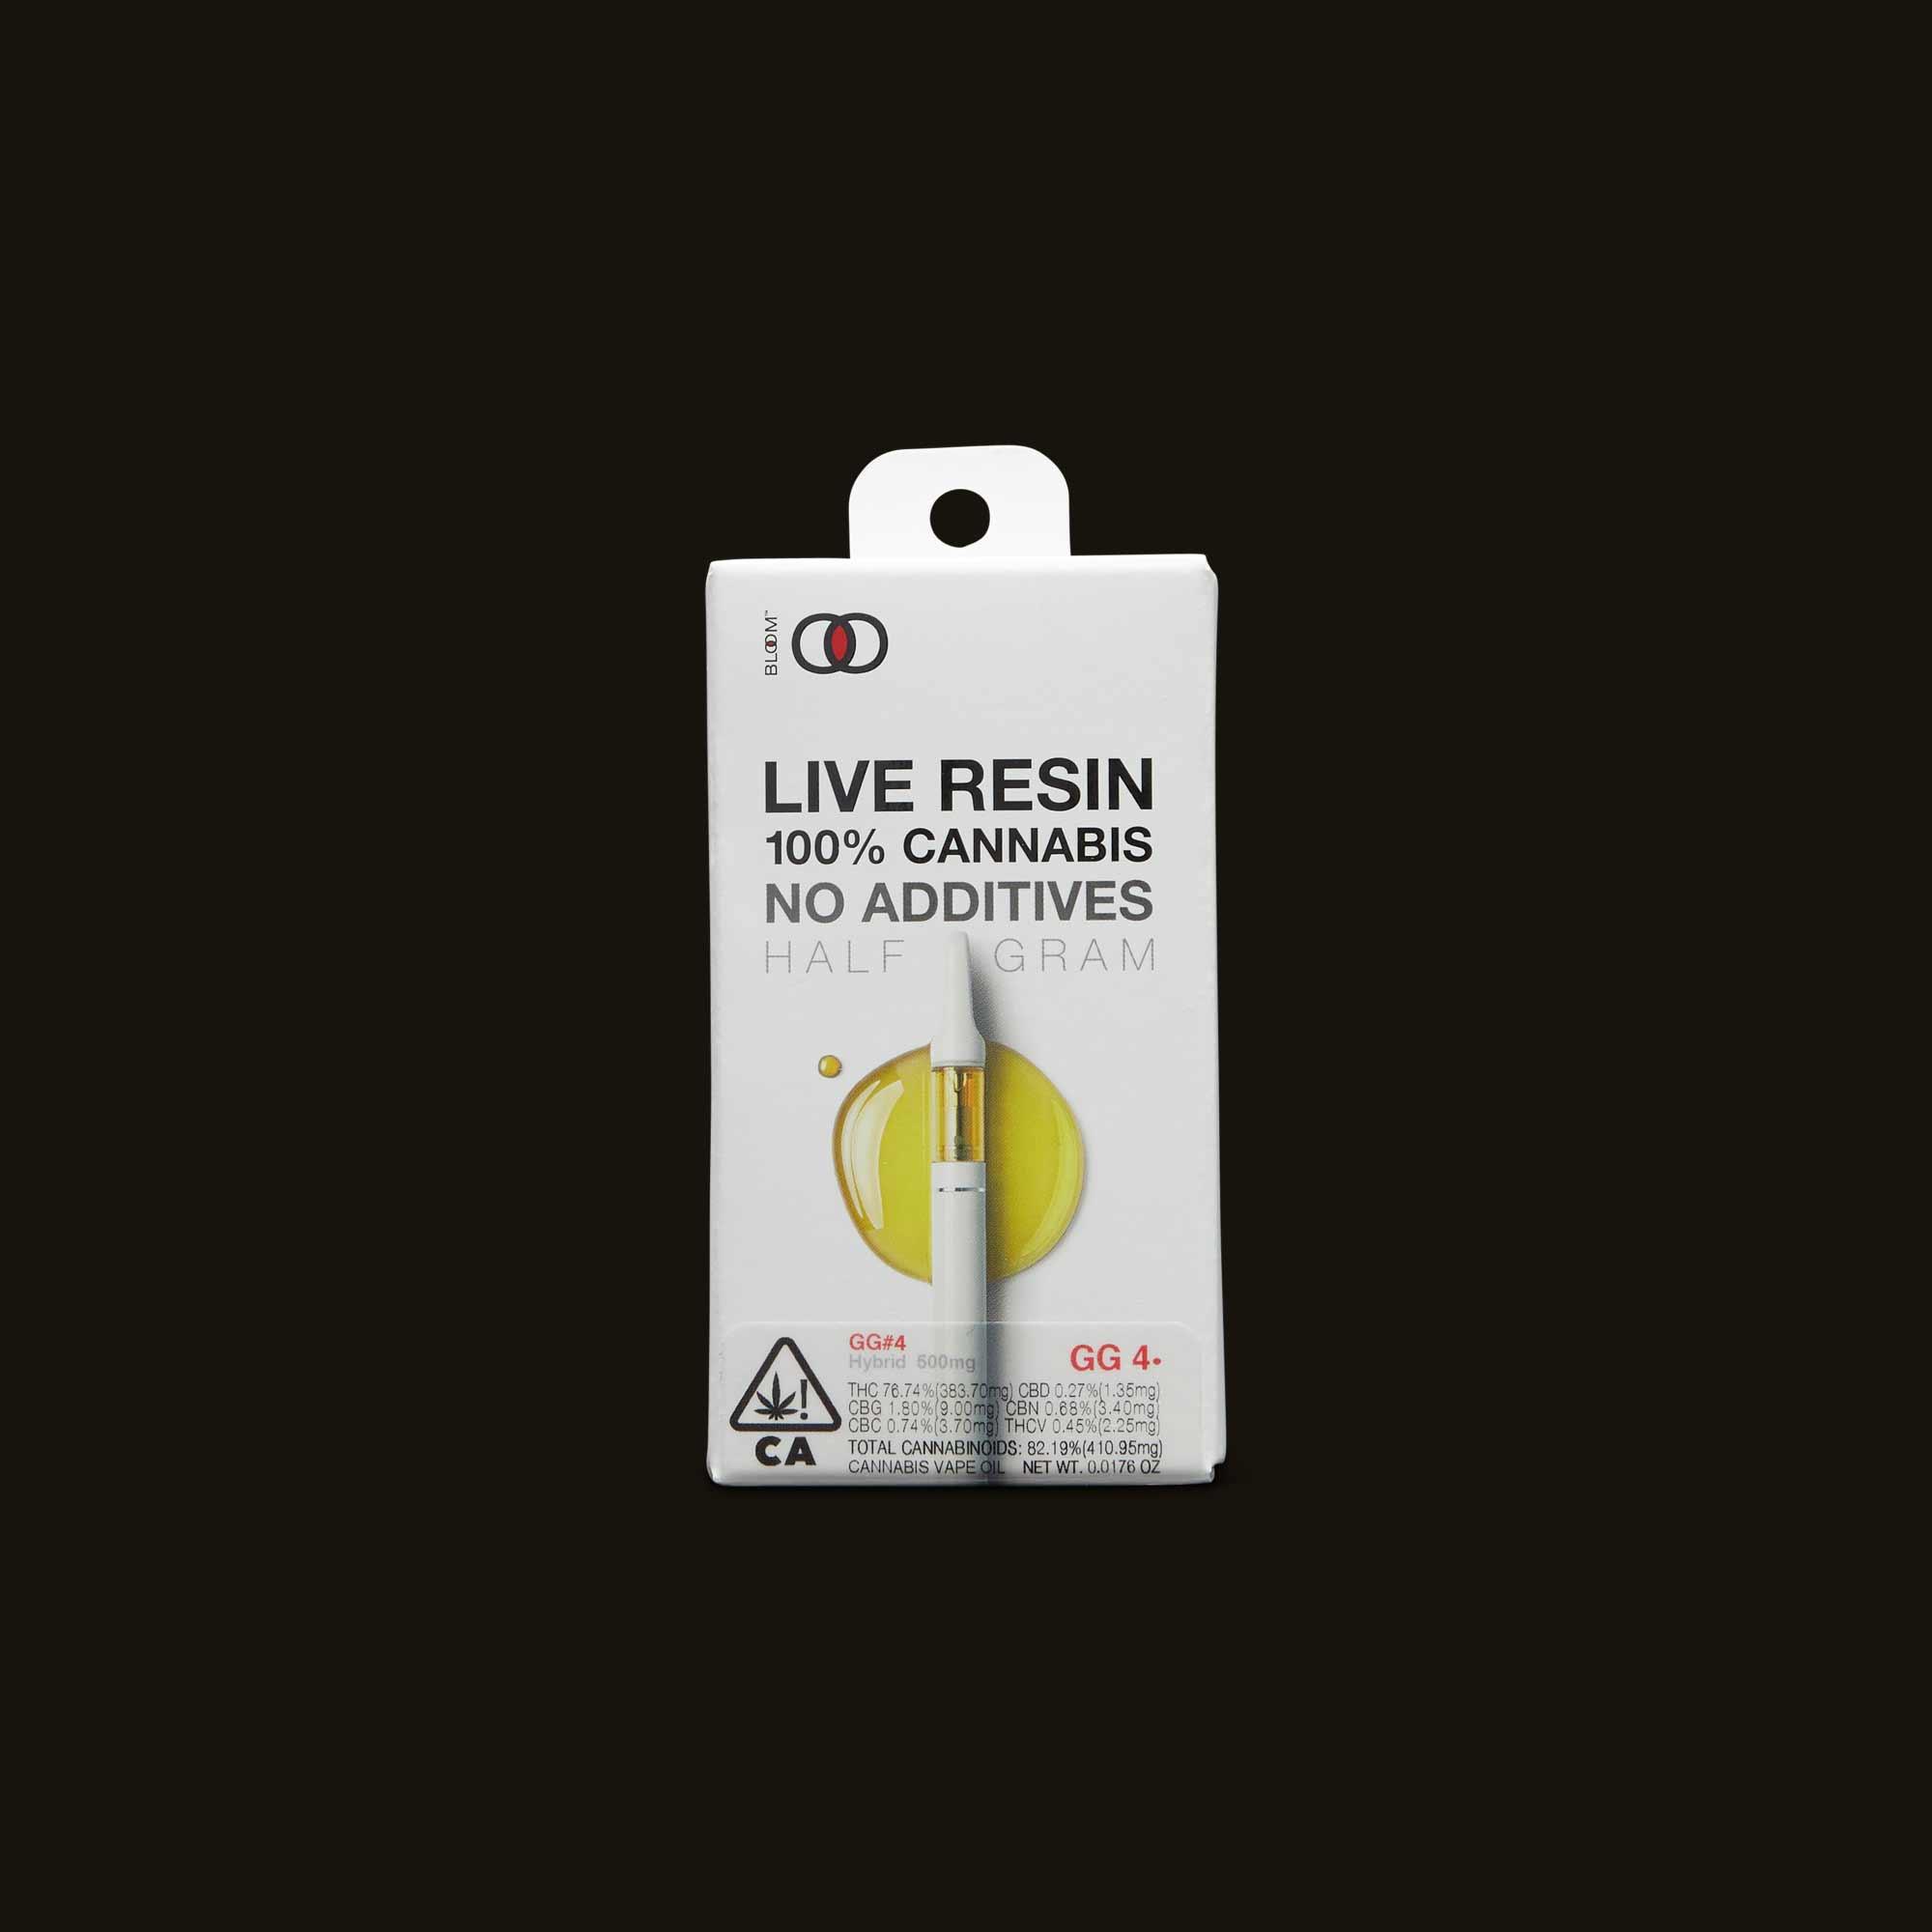 GG#4 Live Resin Cartridge - .5g - 500mg cartridge